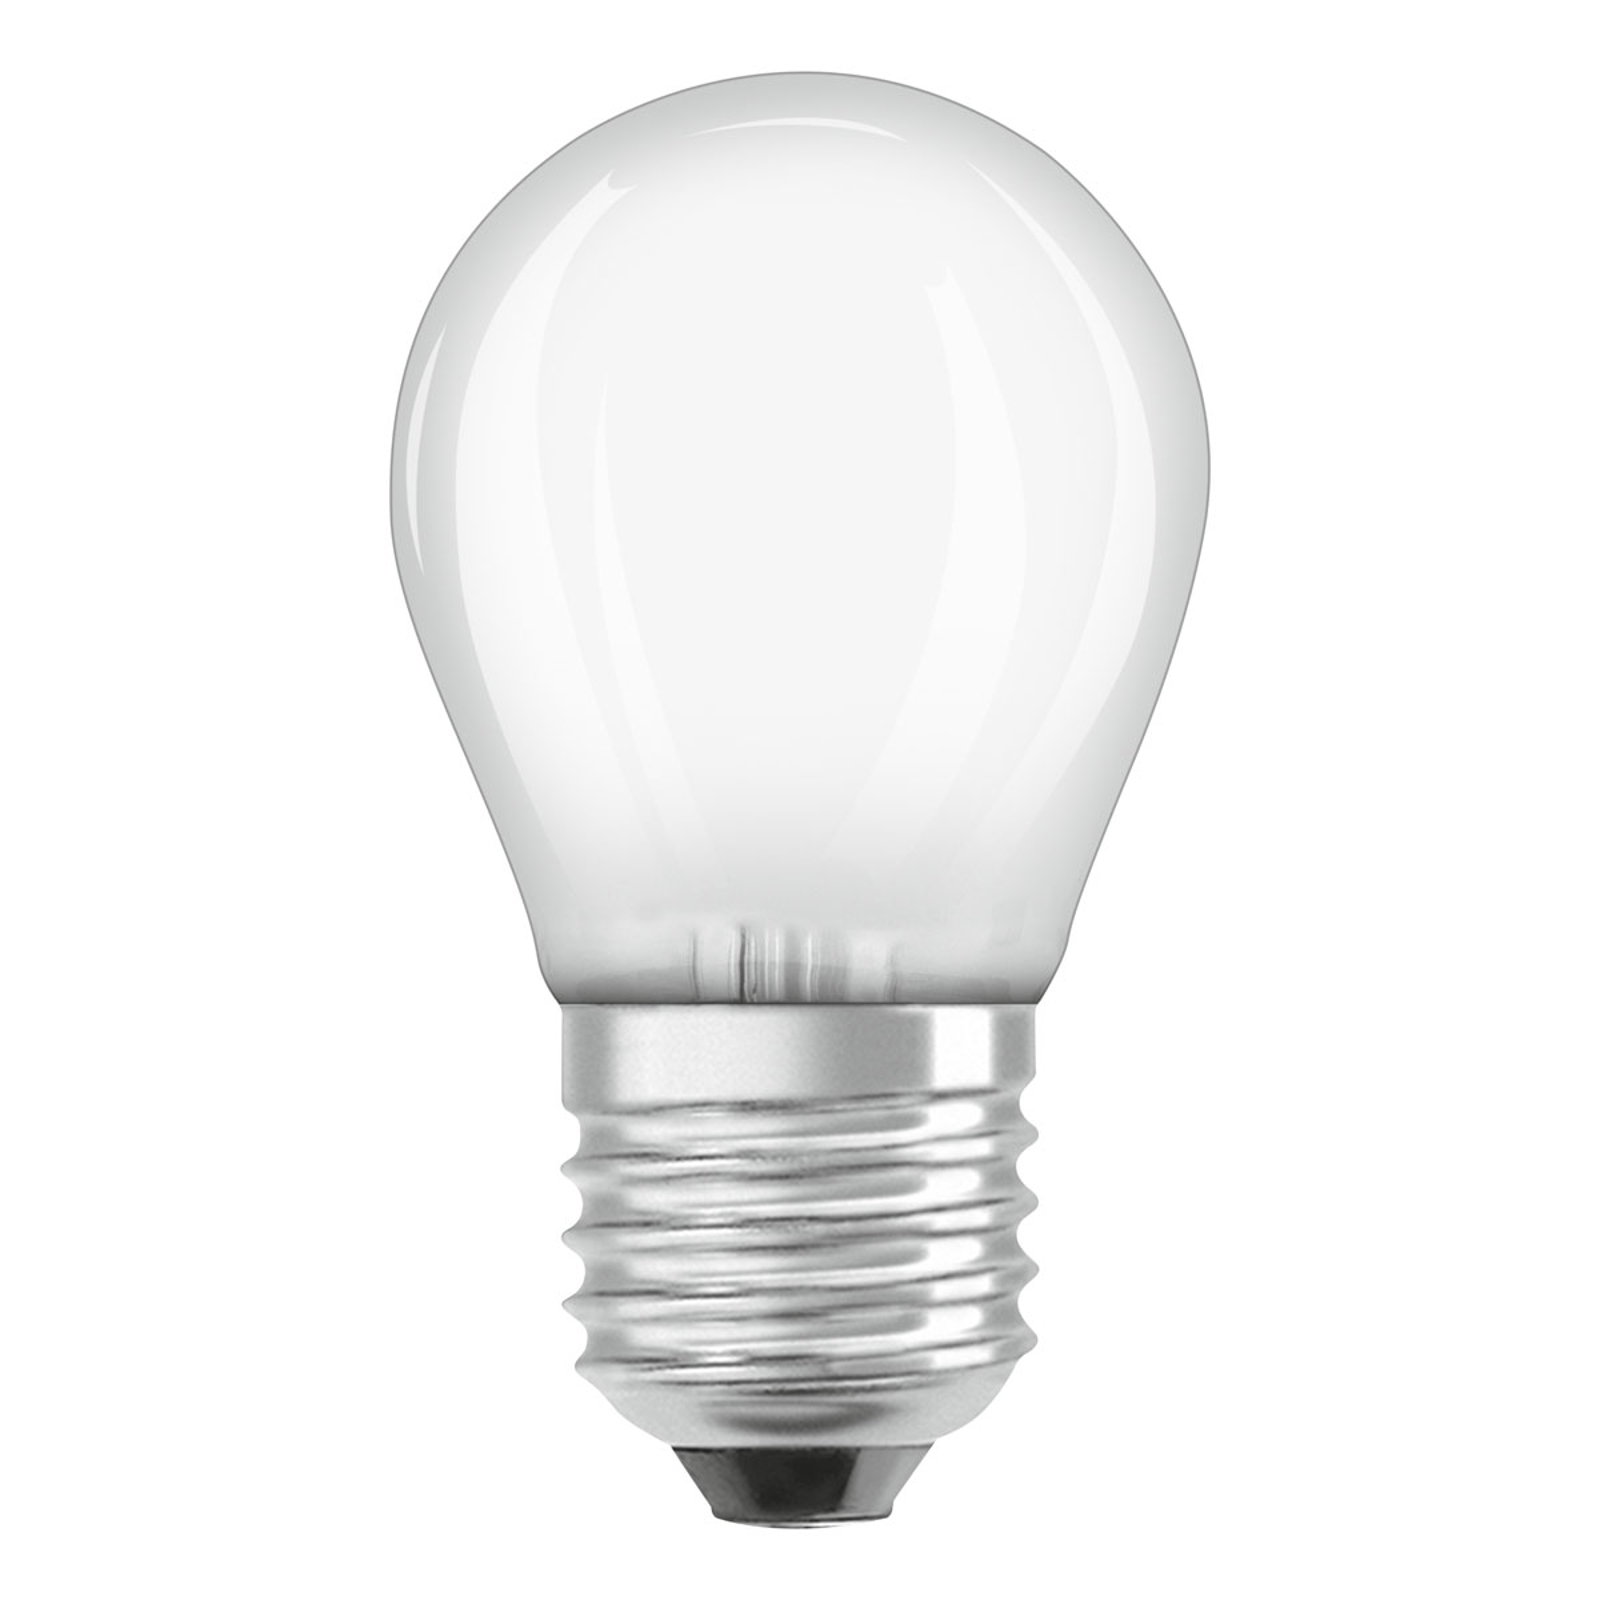 OSRAM-LED-lamppu E27 7W Classic P 2 700 K matta